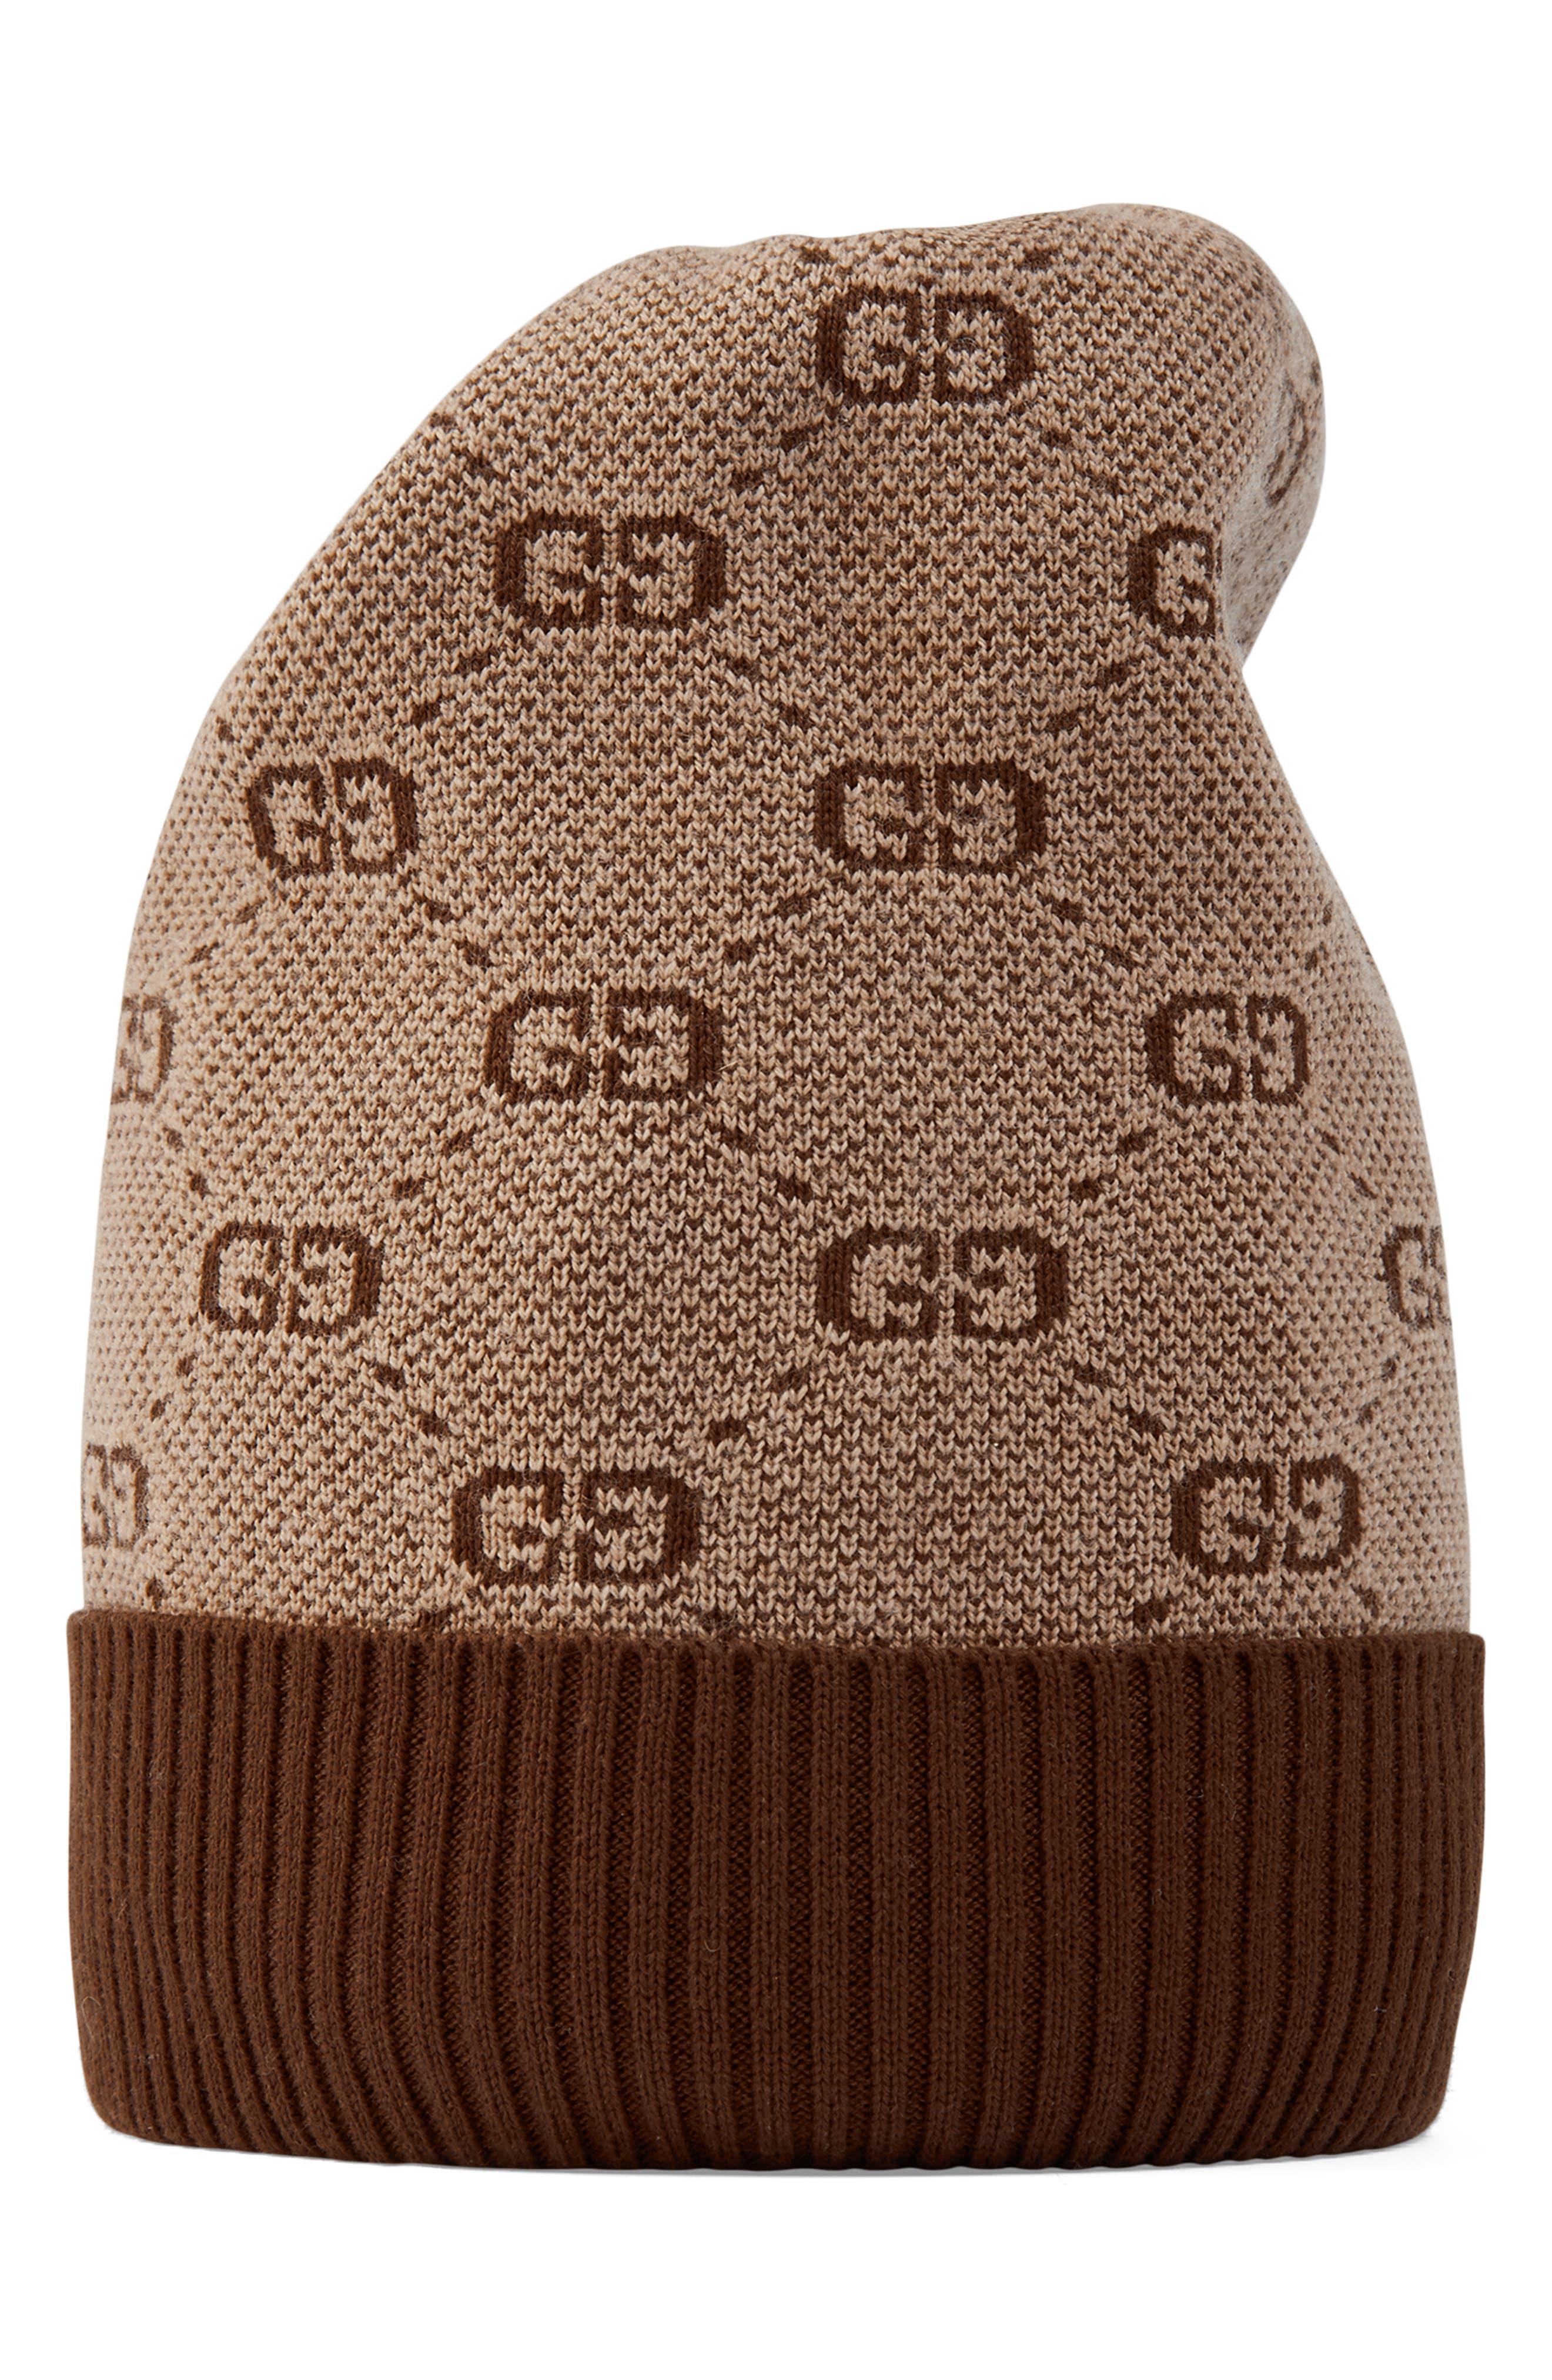 Toddler Gucci Logo Pattern Wool  Cotton Hat  Beige